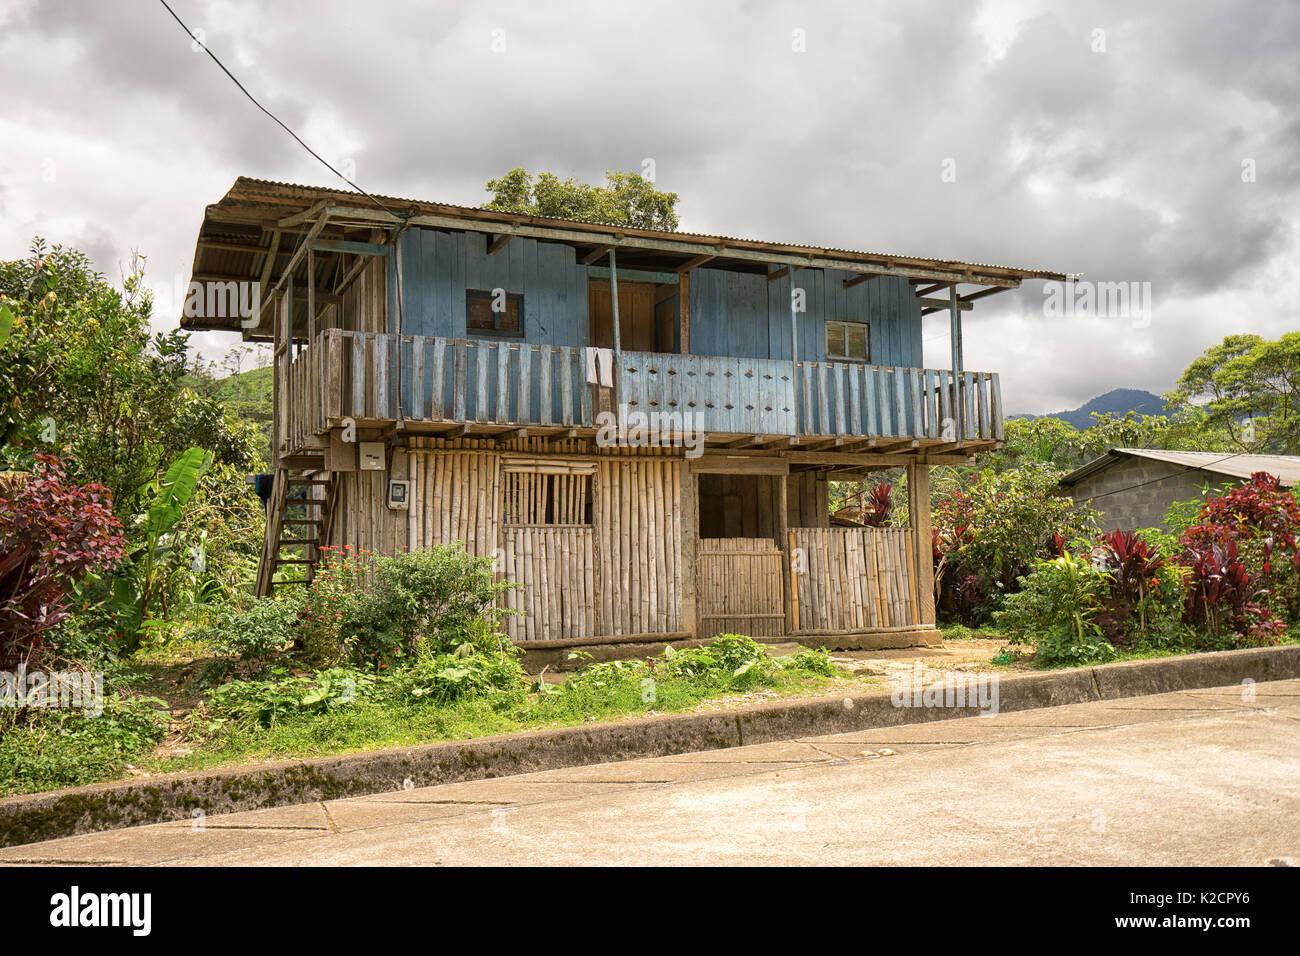 Junio 8, 2017 Jondachi, Ecuador: casa hecha de tablones y bambú en la Amazonía Imagen De Stock